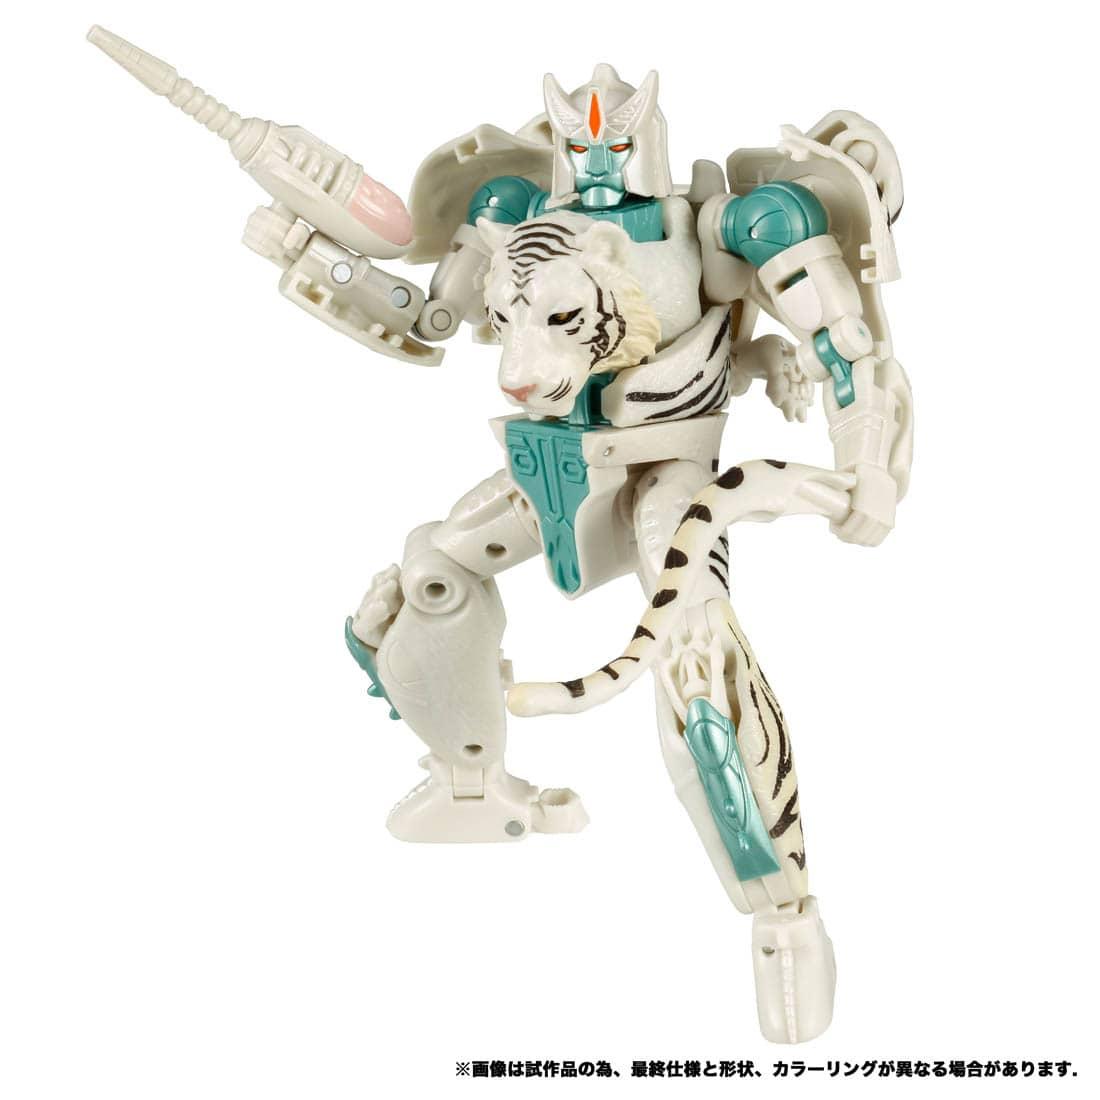 トランスフォーマー キングダム『KD-14 タイガトロン』可変可動フィギュア-001